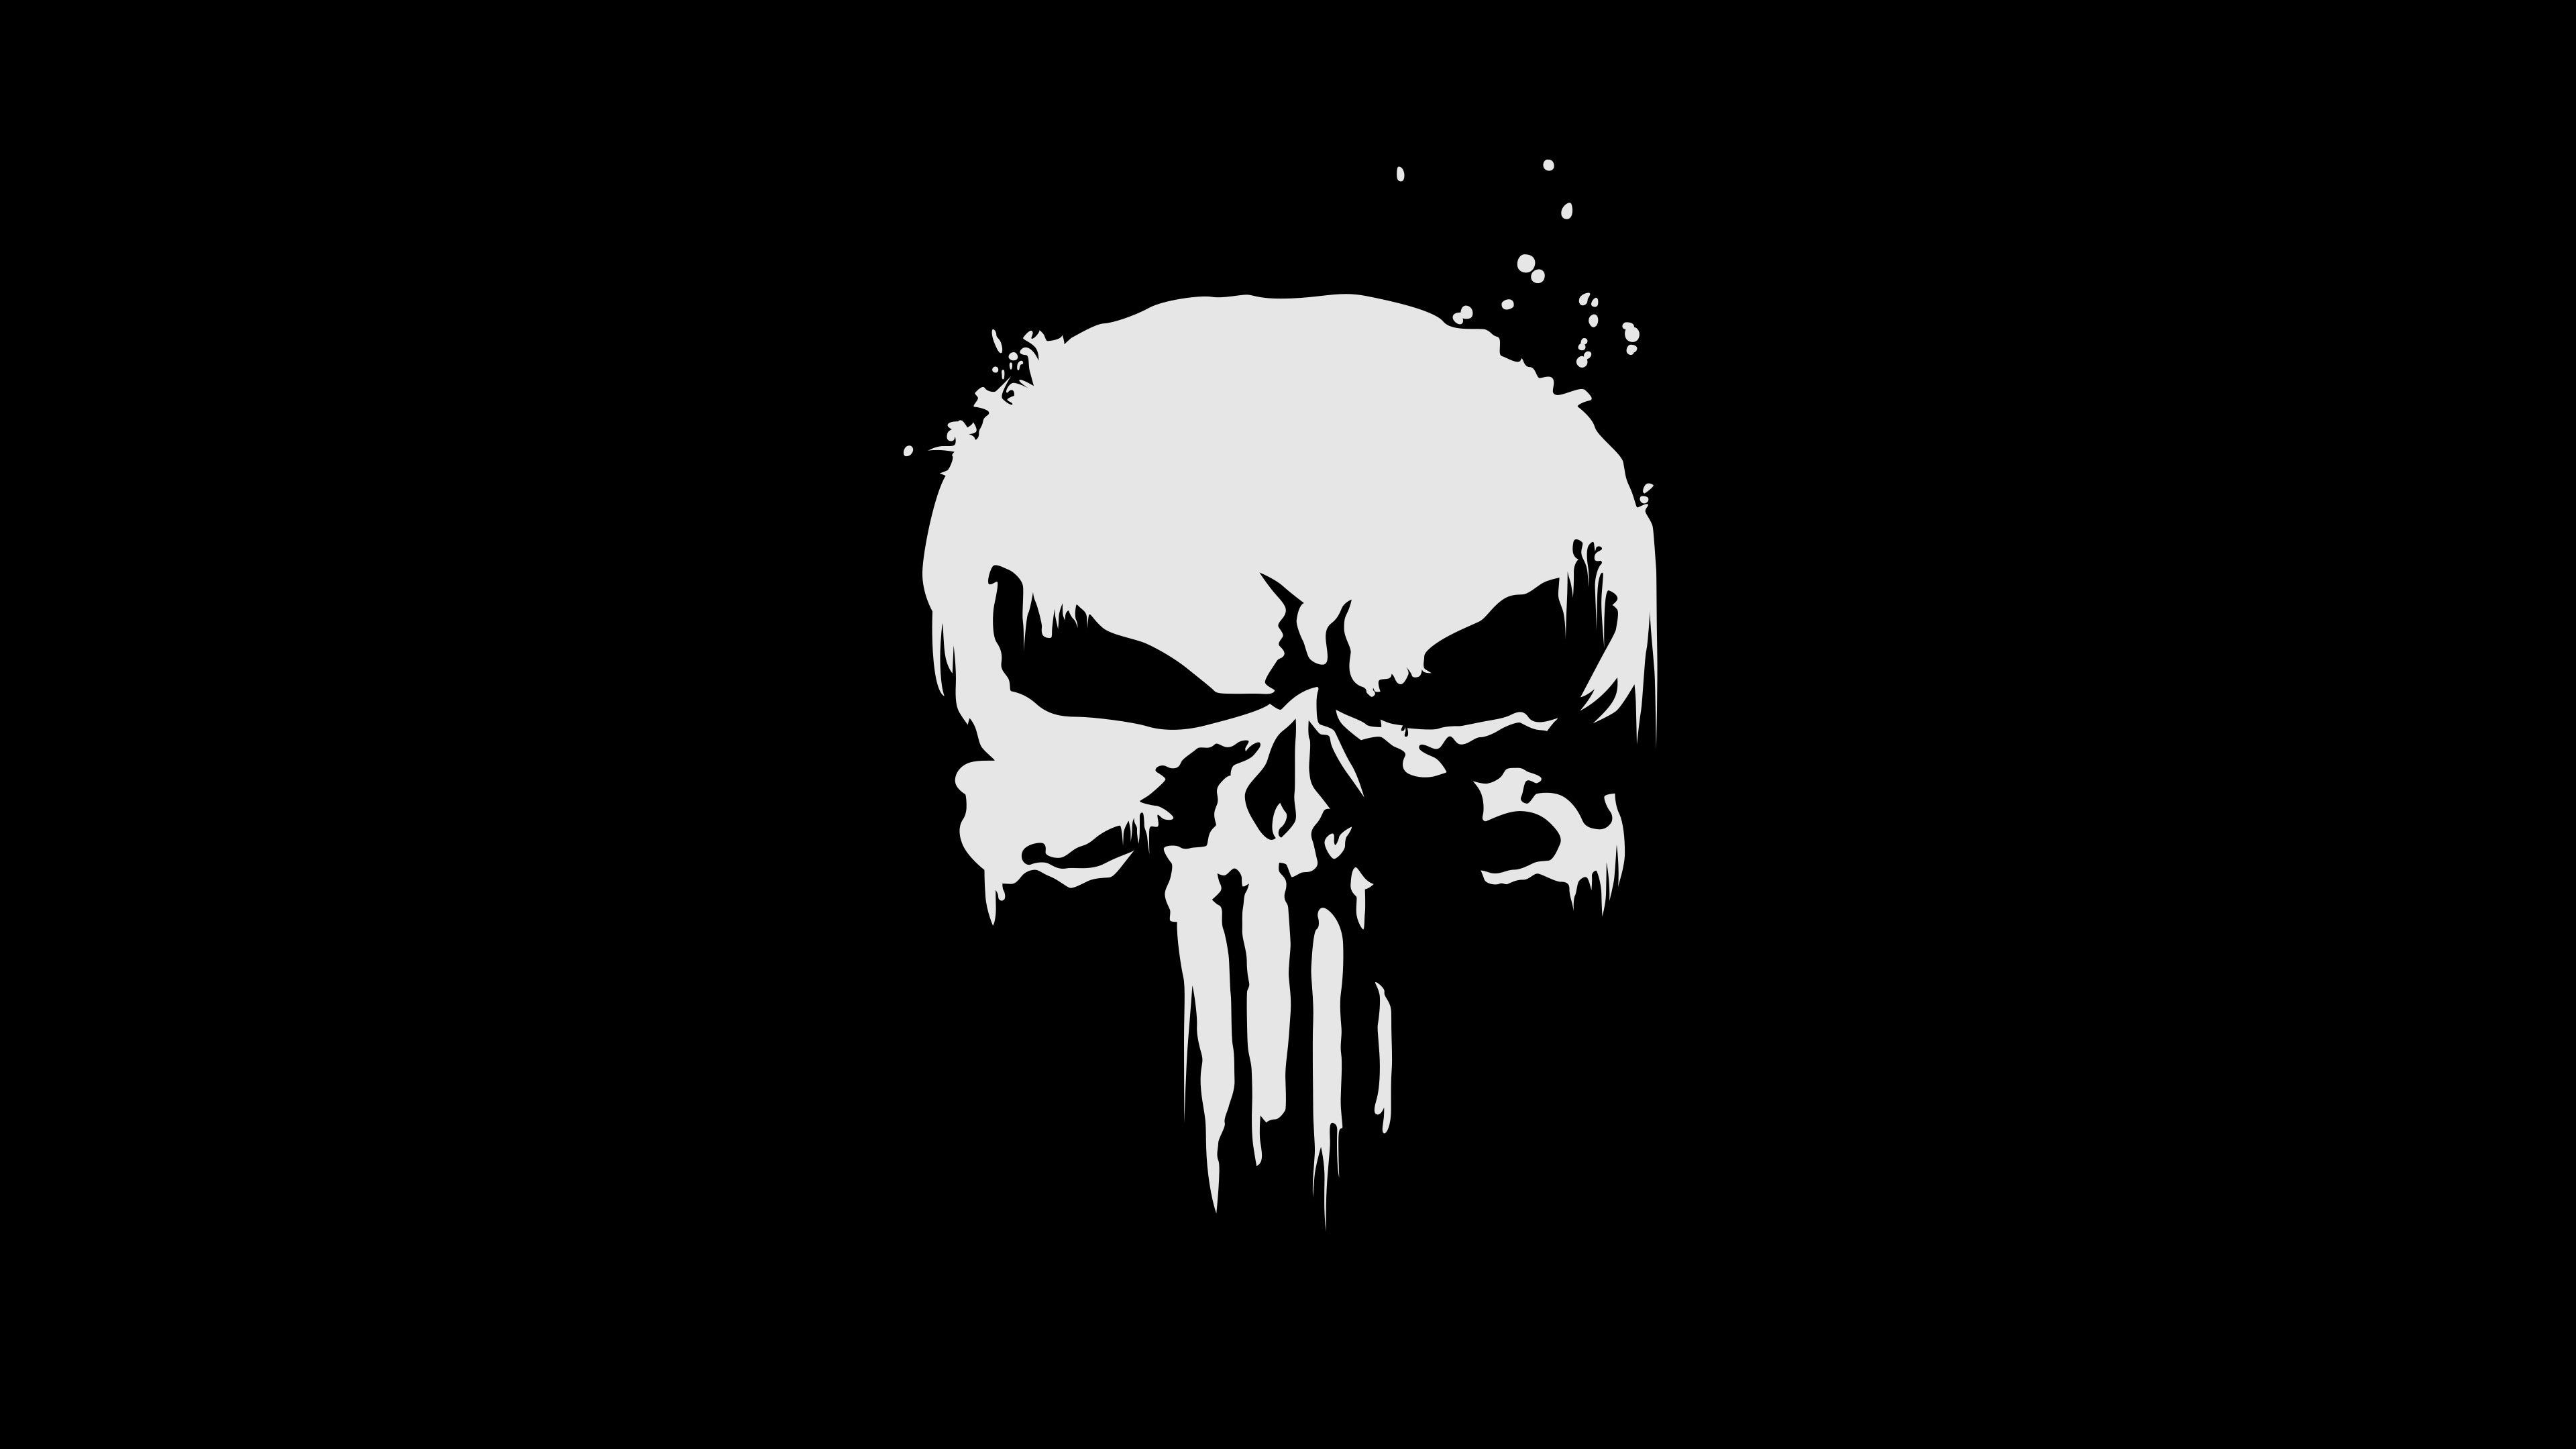 Download 3840x2400 Wallpaper The Punisher Logo Skull 4k